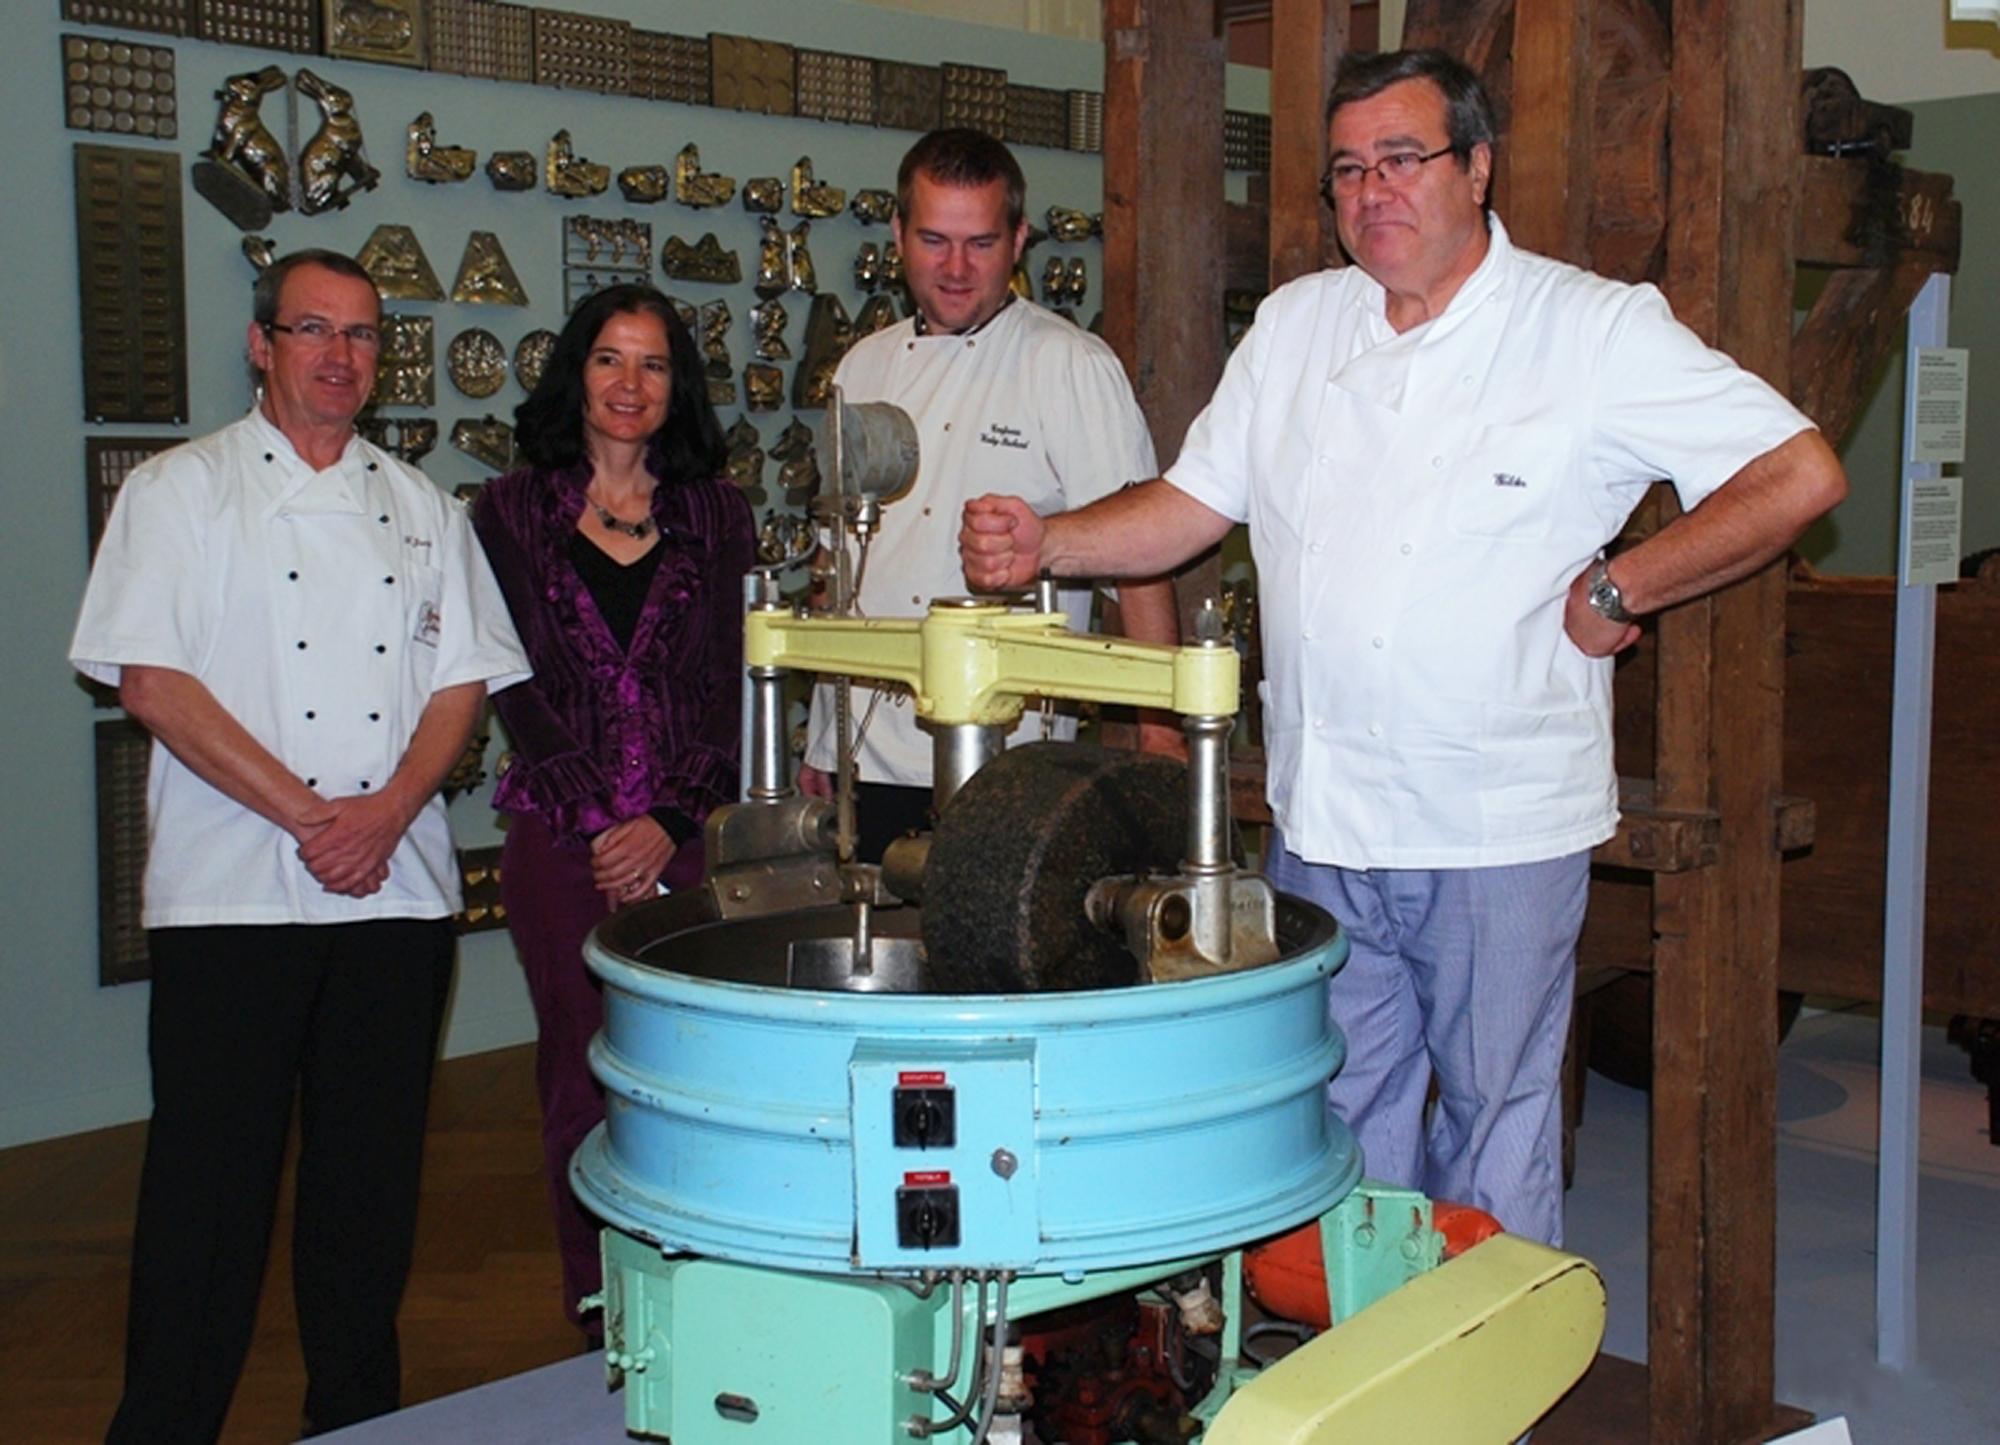 Pour cette grande fête, le MahN s'est associé à six pâtissiers-confiseurs, dont Francis Jacot,Cédric Chamartin et Pierre Walder, entourant Chantal Lafontant Vallotton